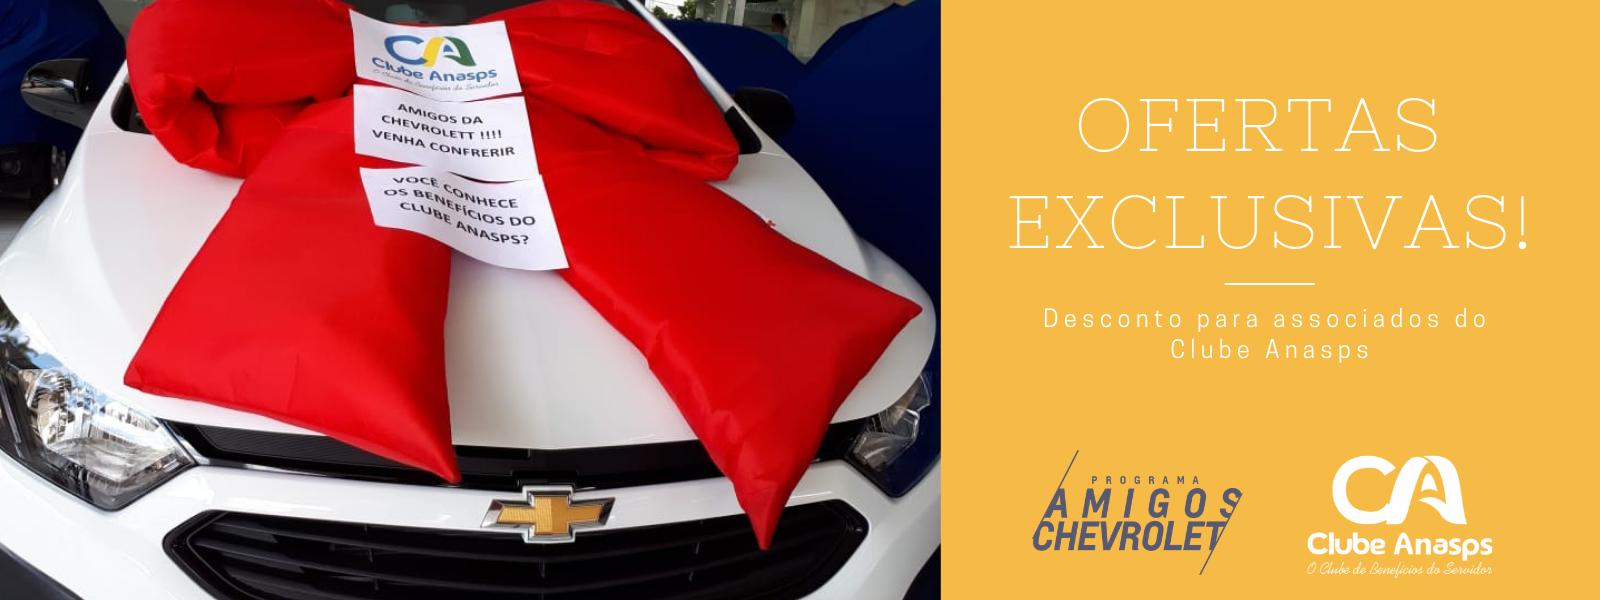 Descontos exclusivos no Amigos Chevrolet